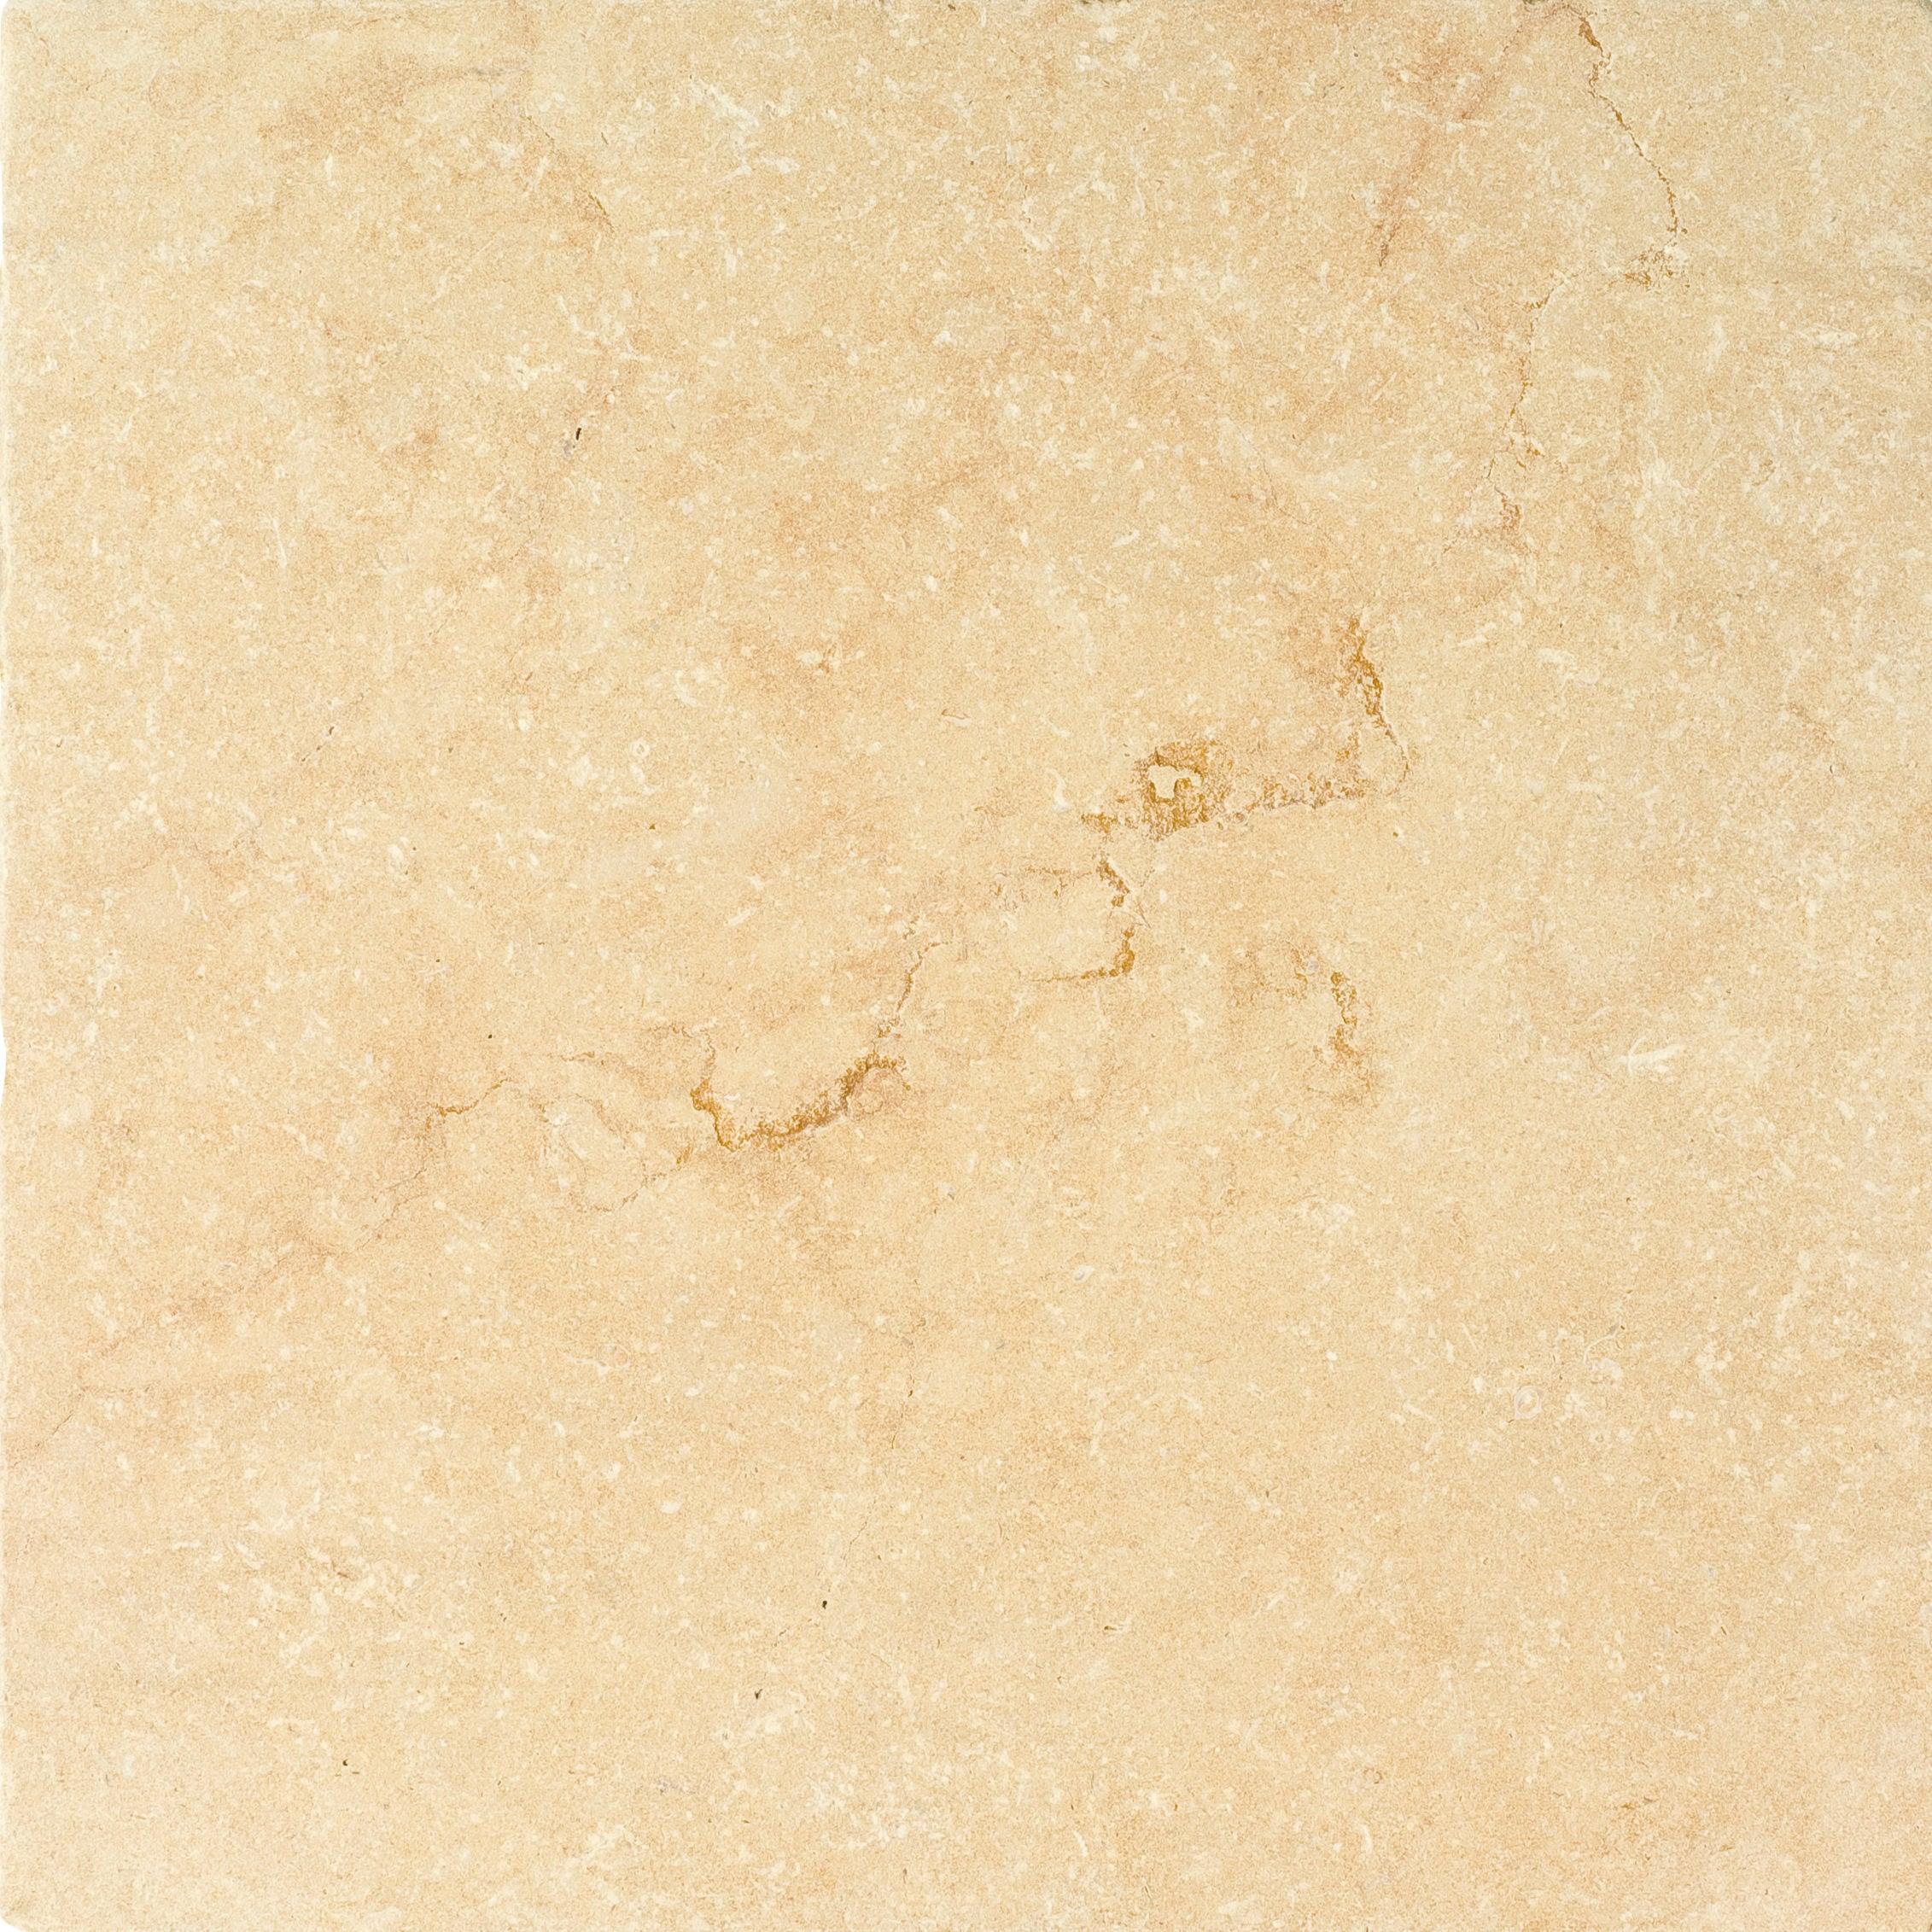 Jerusalem Gold Tumbled Limestone Tiles Mandarin Stone